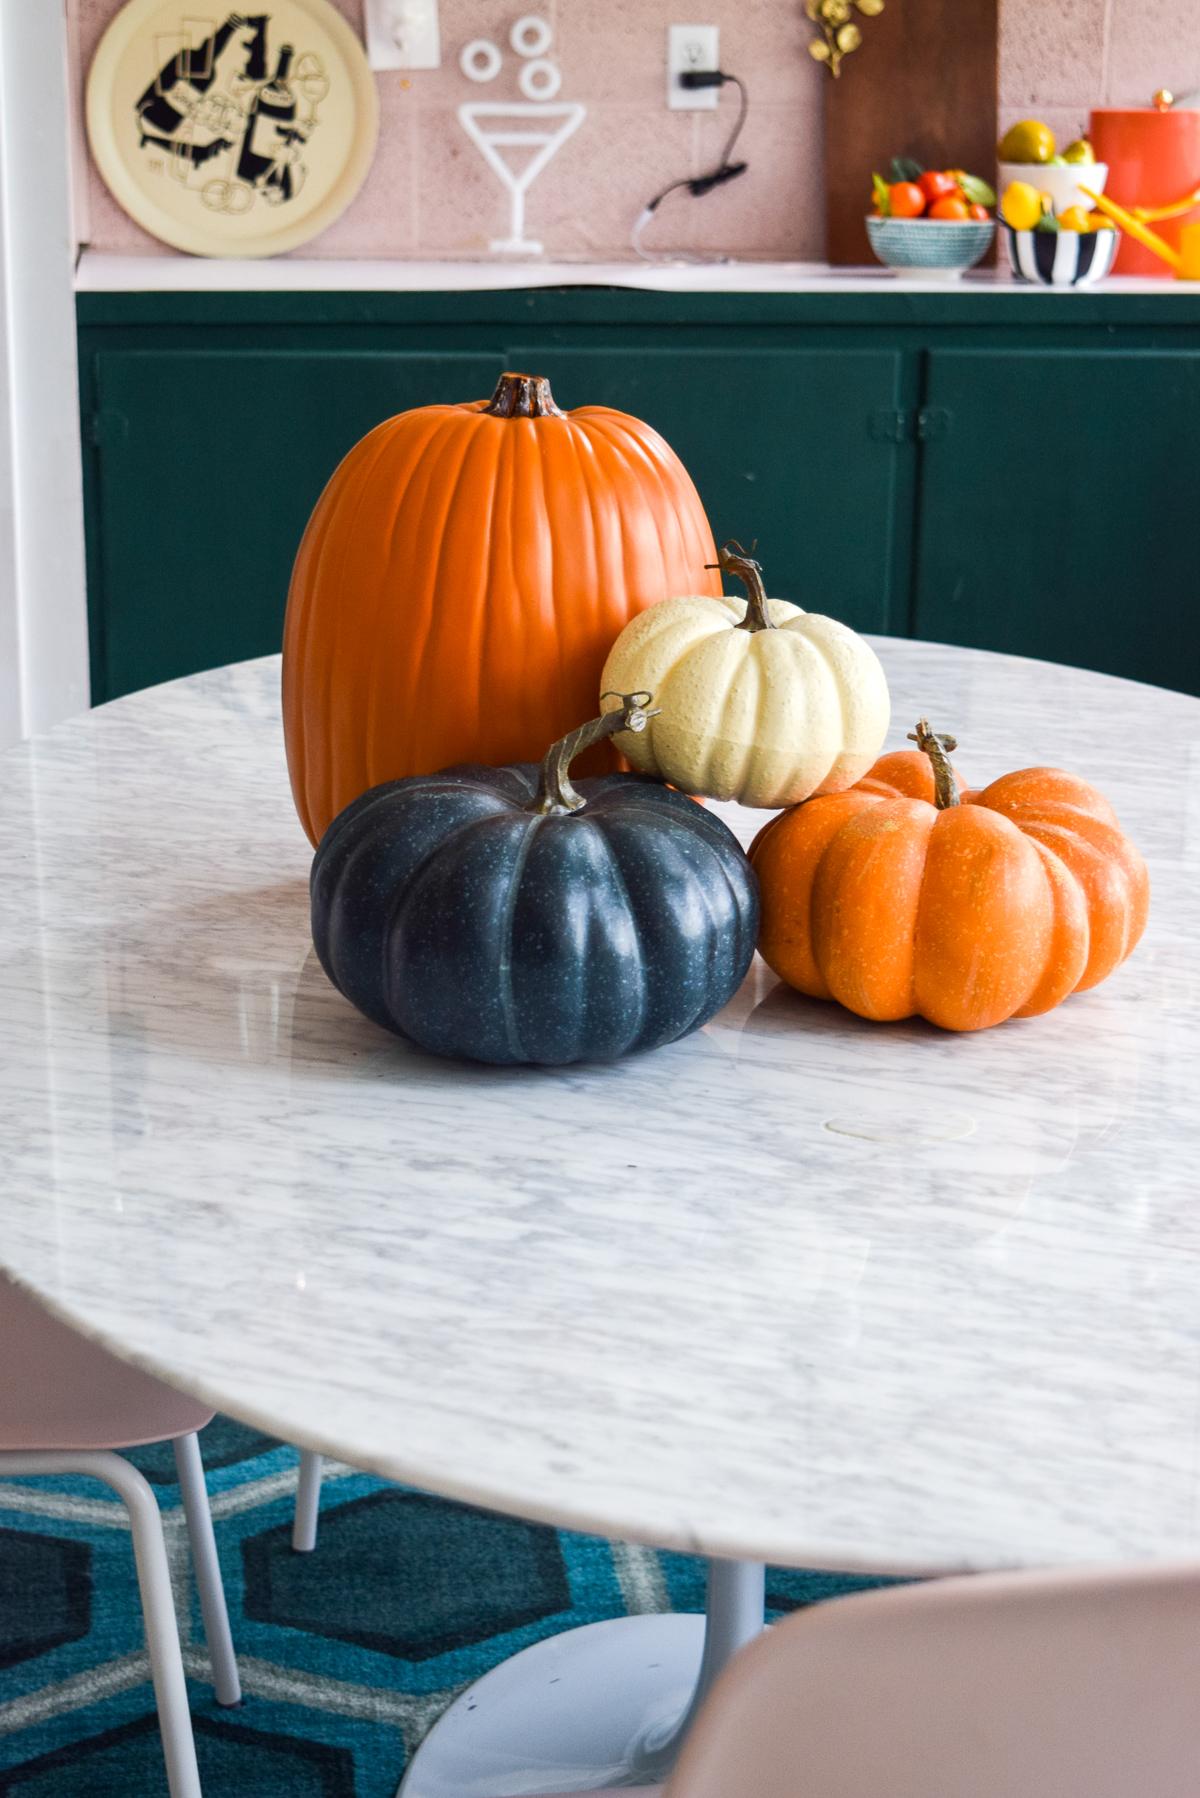 plastic pumpkins on a table